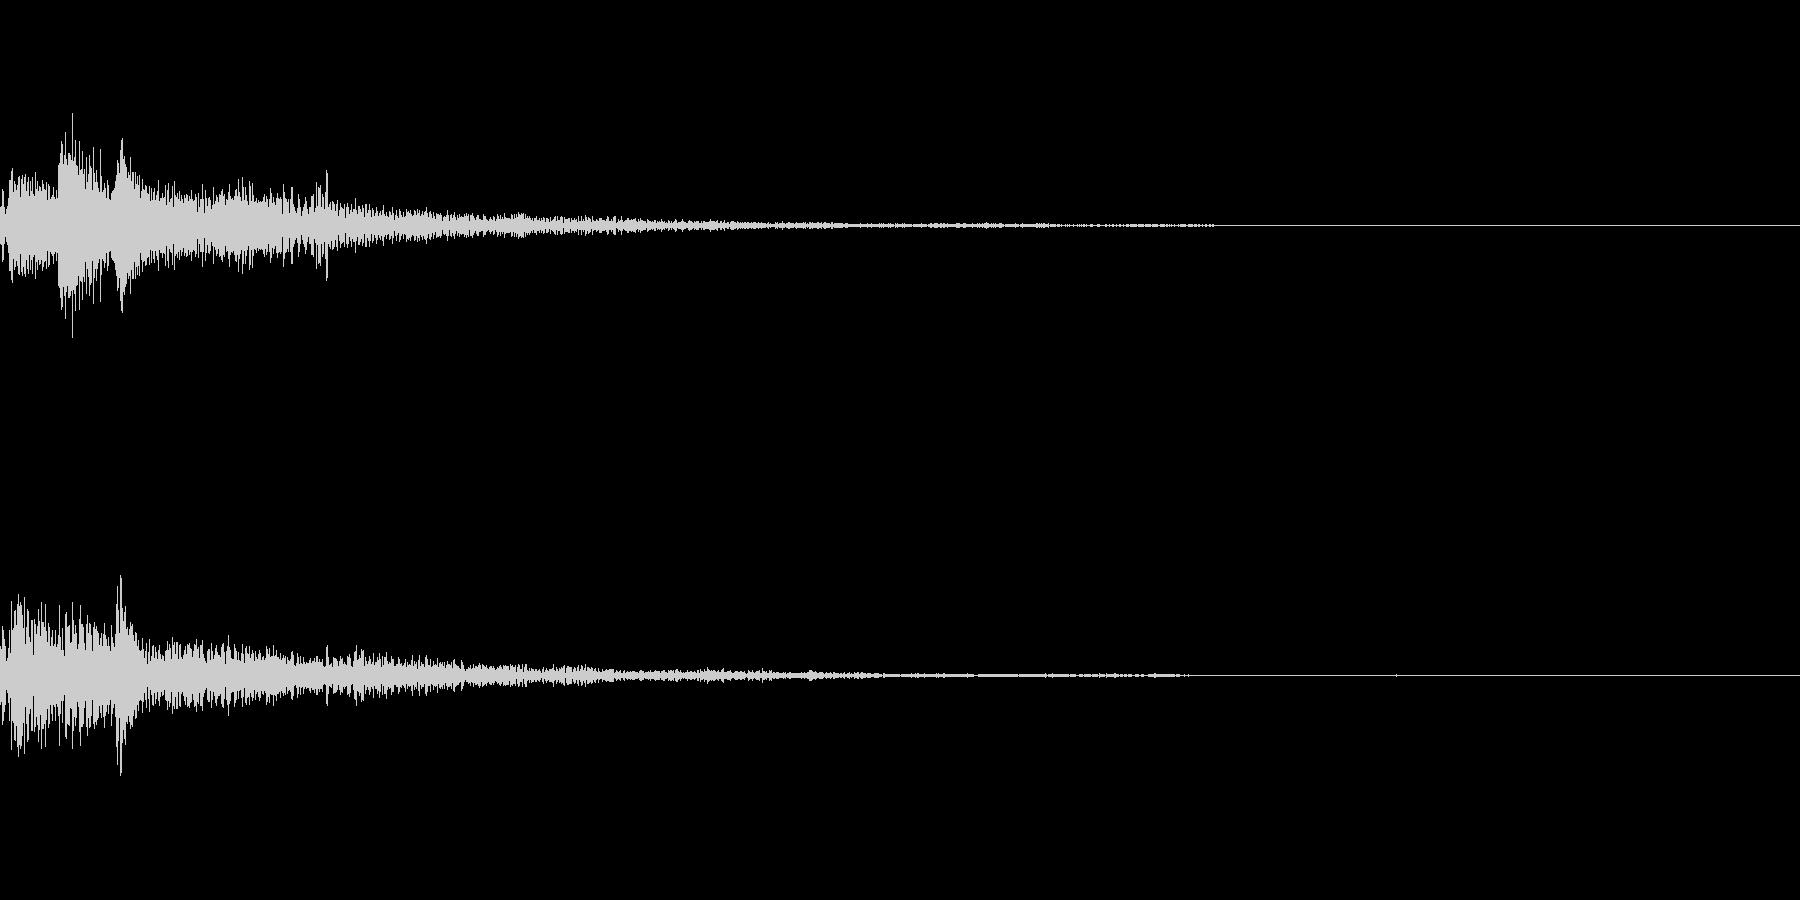 ぽろん♪(連鎖01)の未再生の波形